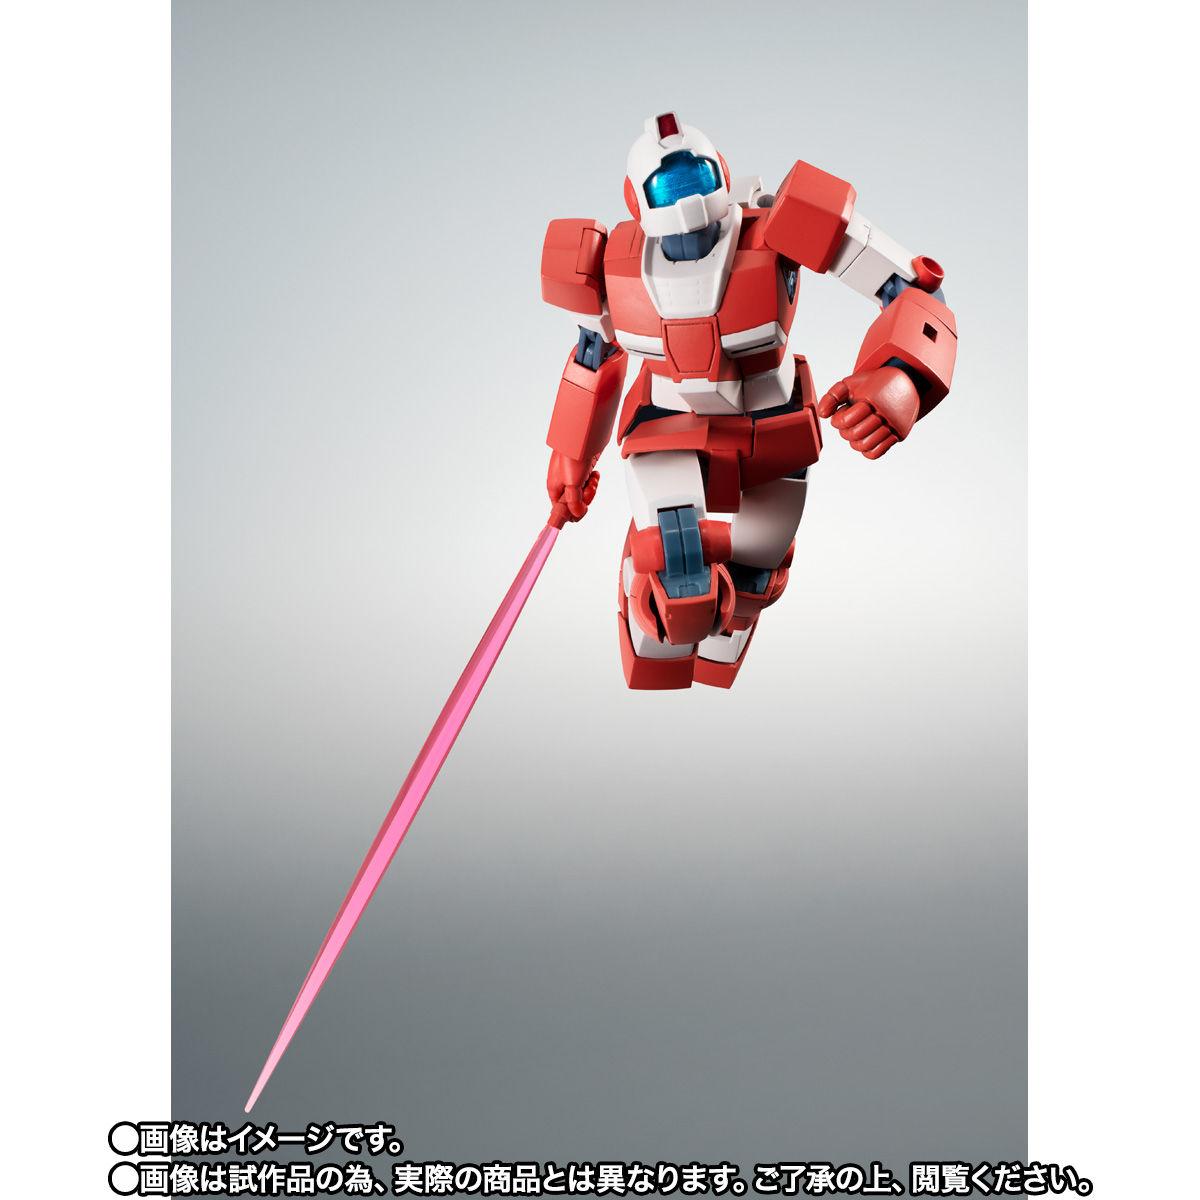 【限定販売】ROBOT魂〈SIDE MS〉『RGM-79L ジム・ライトアーマー ver. A.N.I.M.E.』ガンダムMSV 可動フィギュア-007